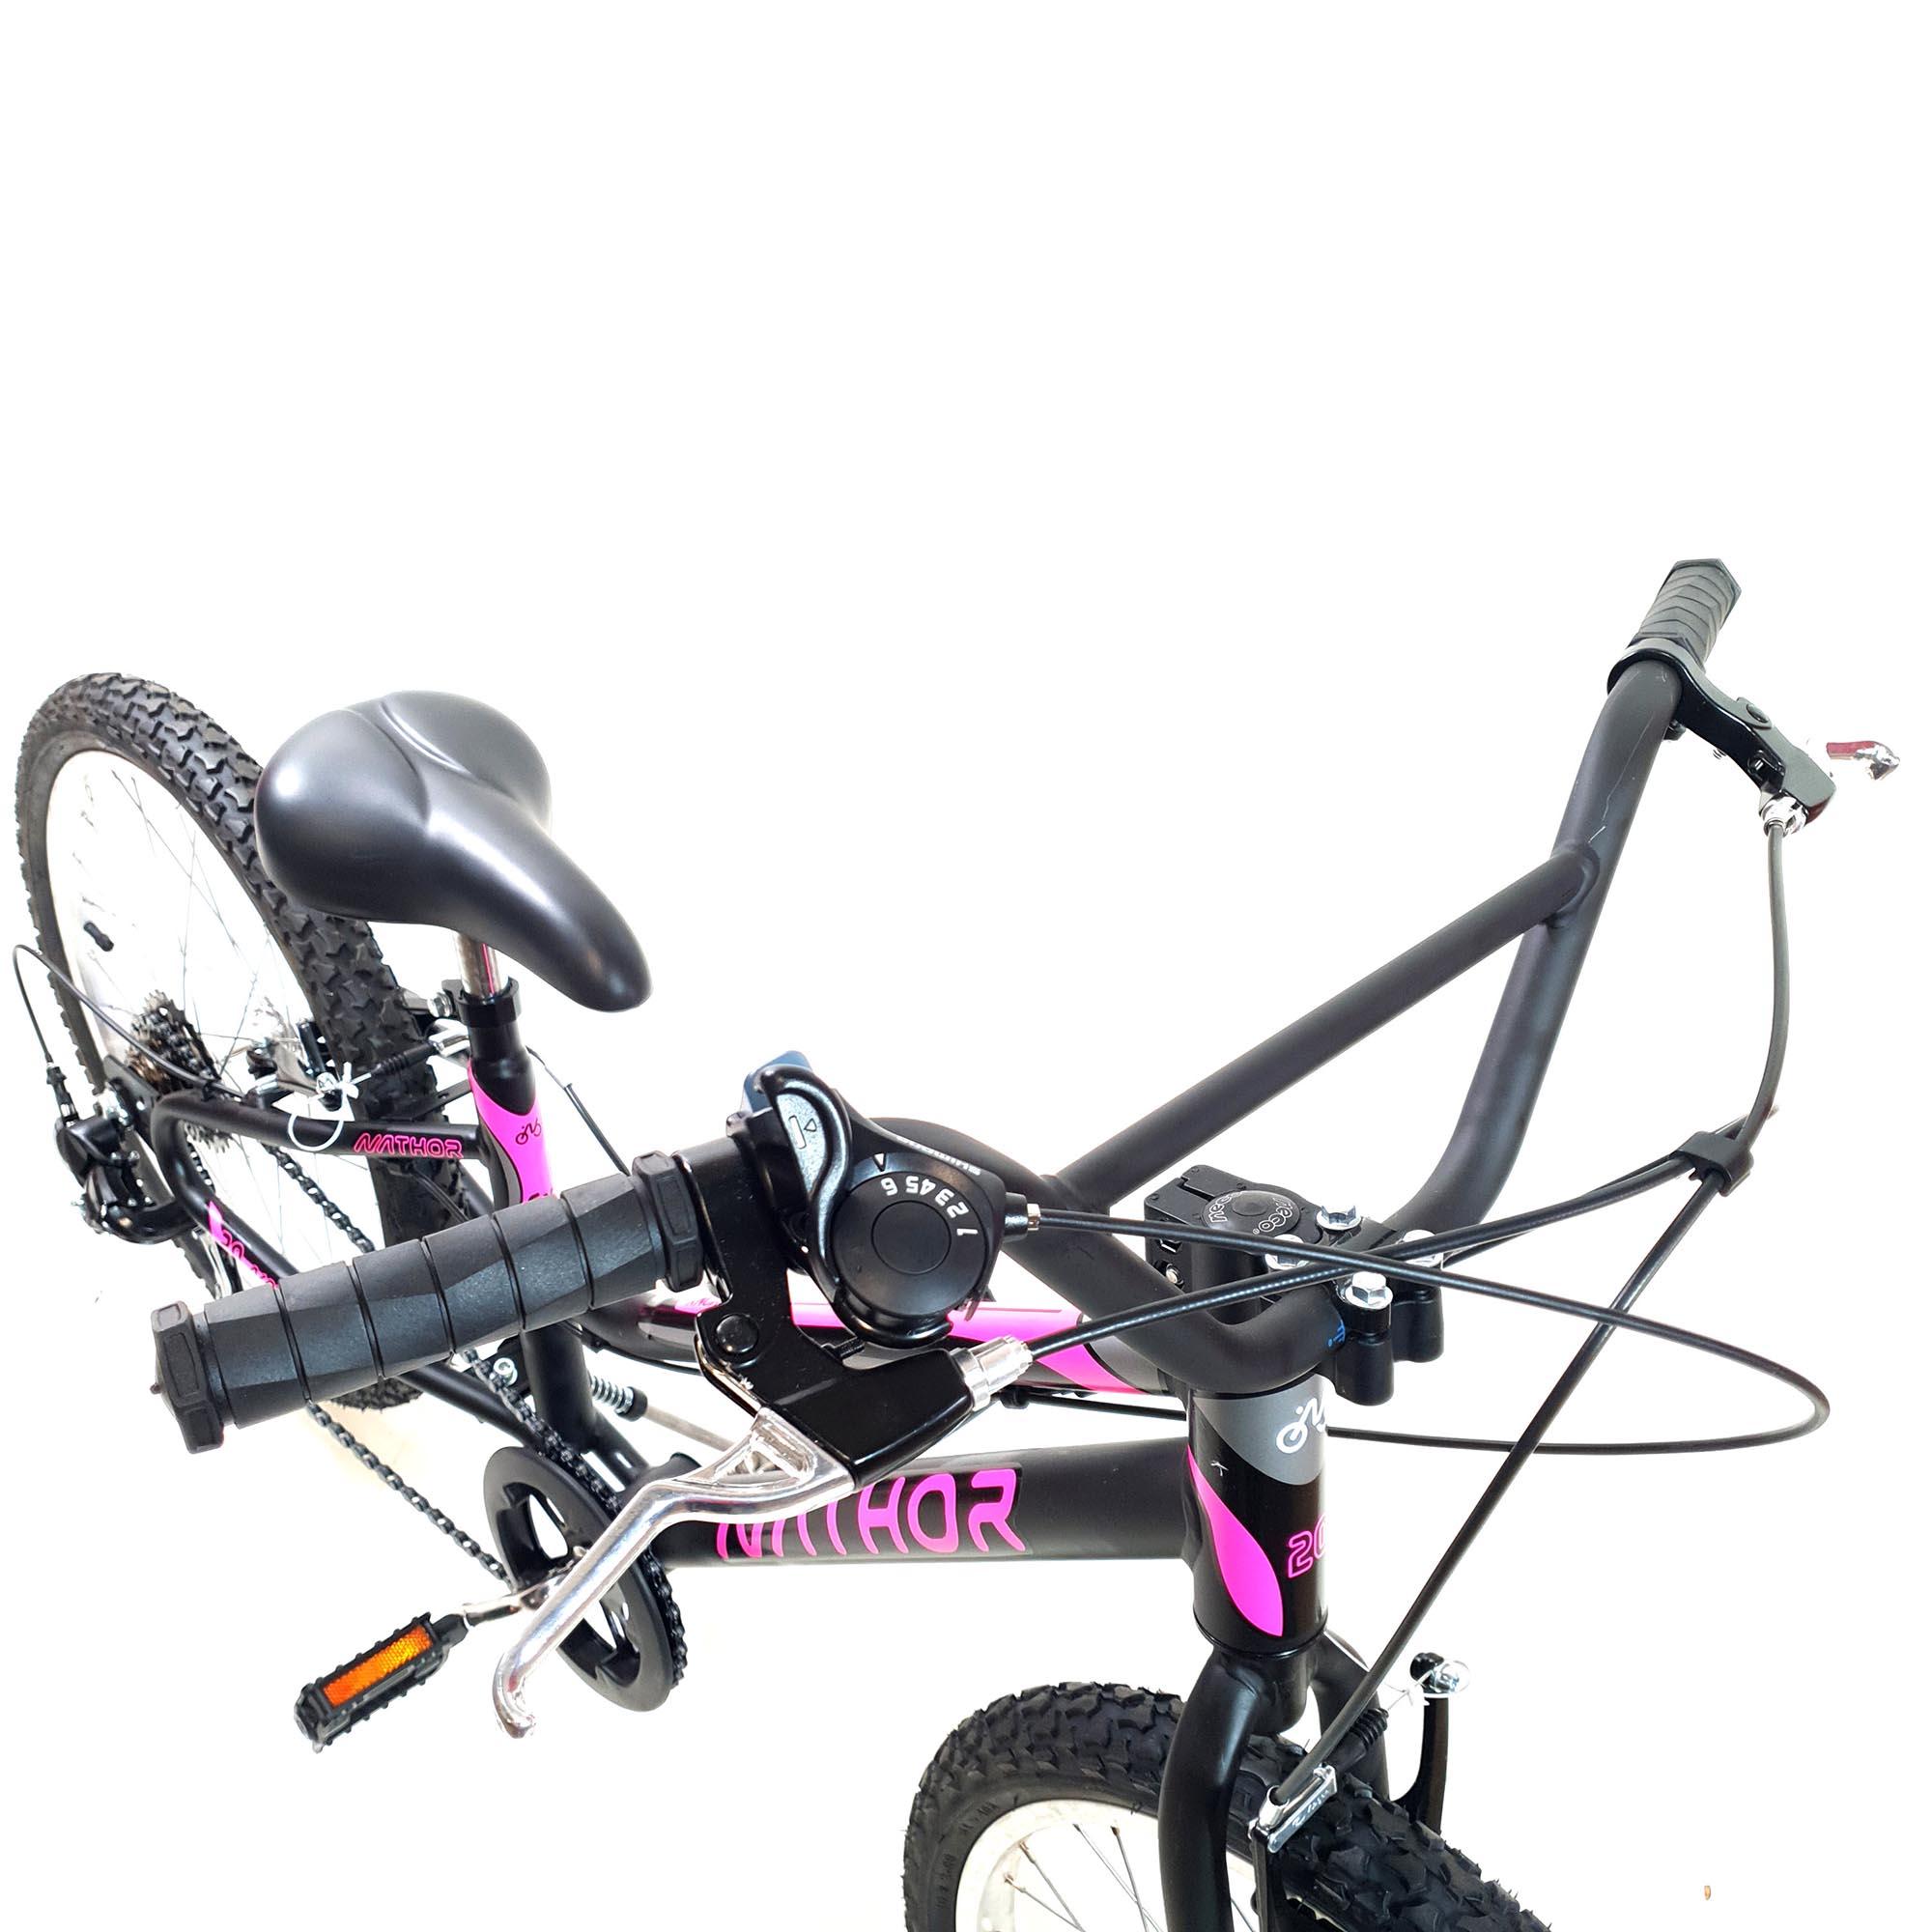 Bicicleta Nathor Aro 20 Aço Feminina Harmony com Marcha Preto_Rosa